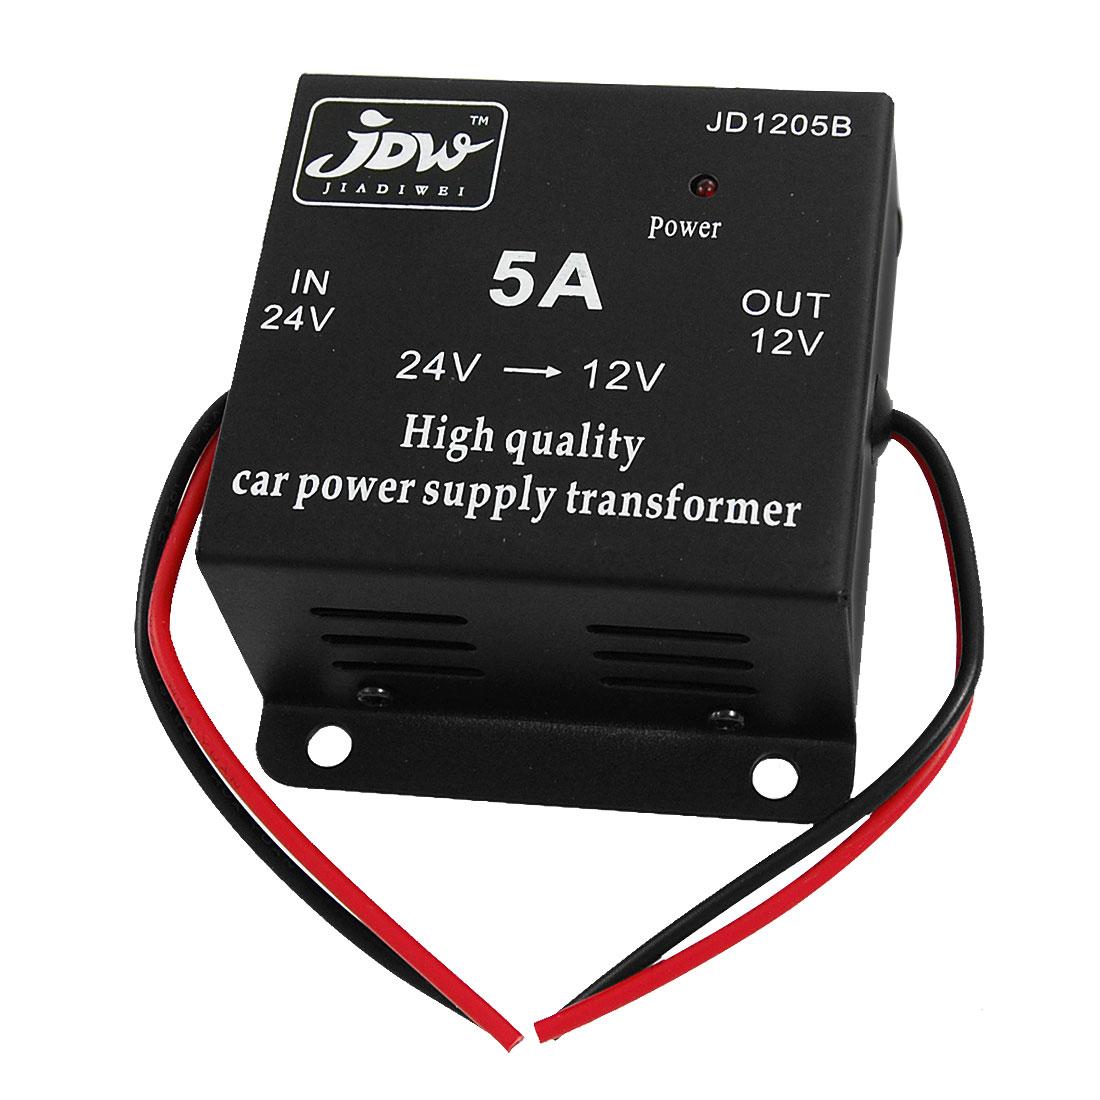 5A DC 24V to 12V Car Power Supply Transformer Converter